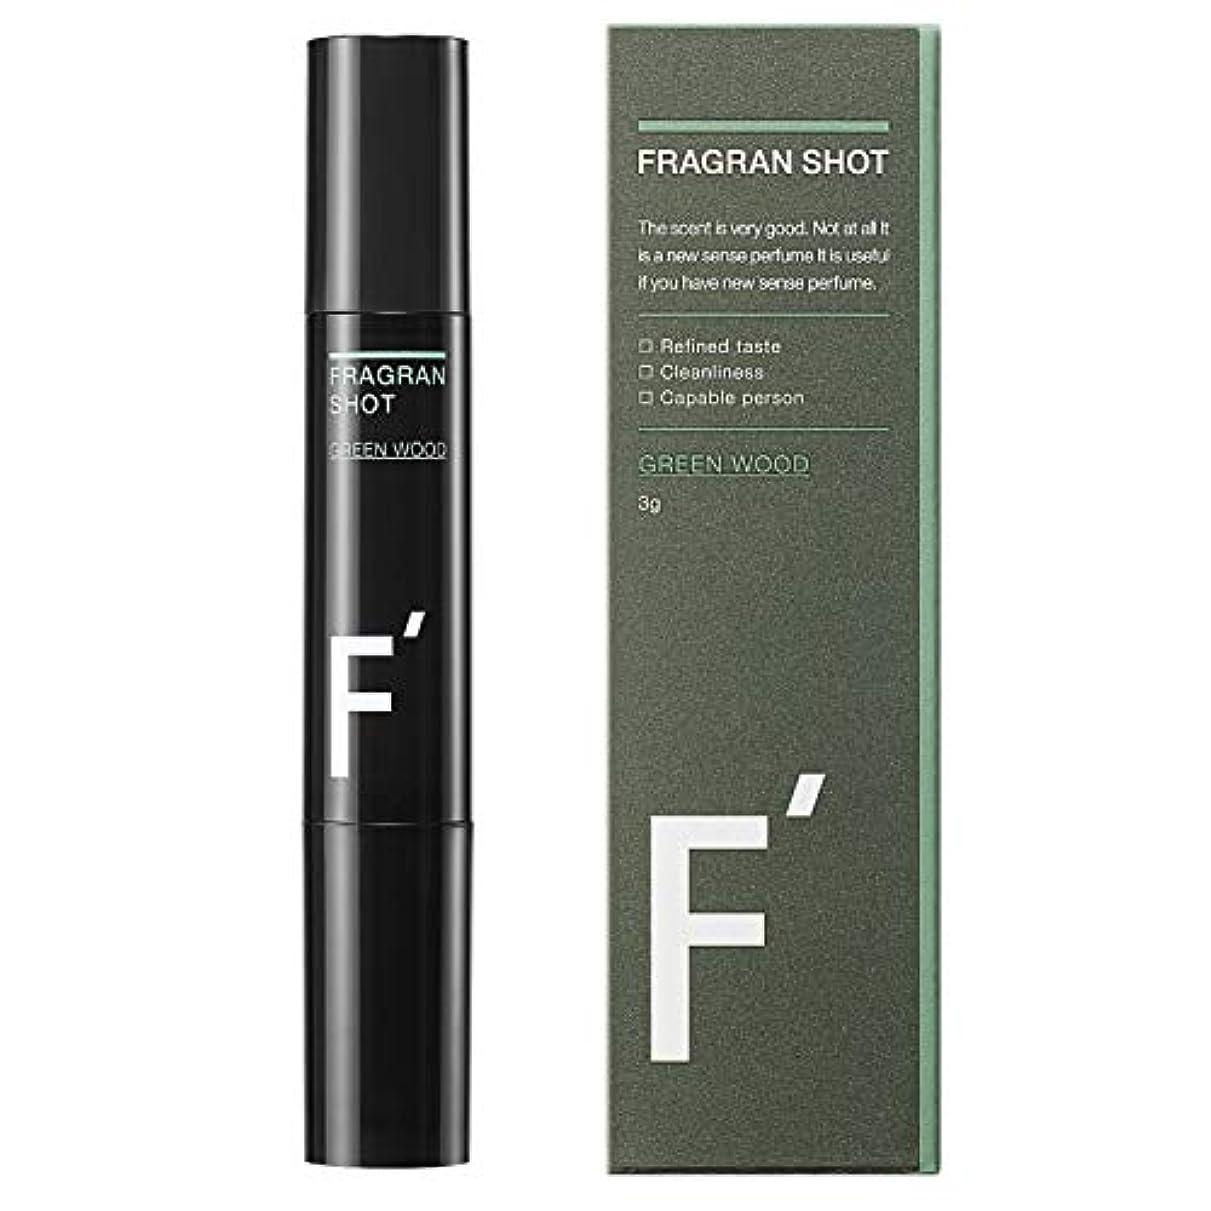 ベッド傾向がありますソートF'(エフダッシュ) フレグランショット グリーンウッドの香り 男性用練香水